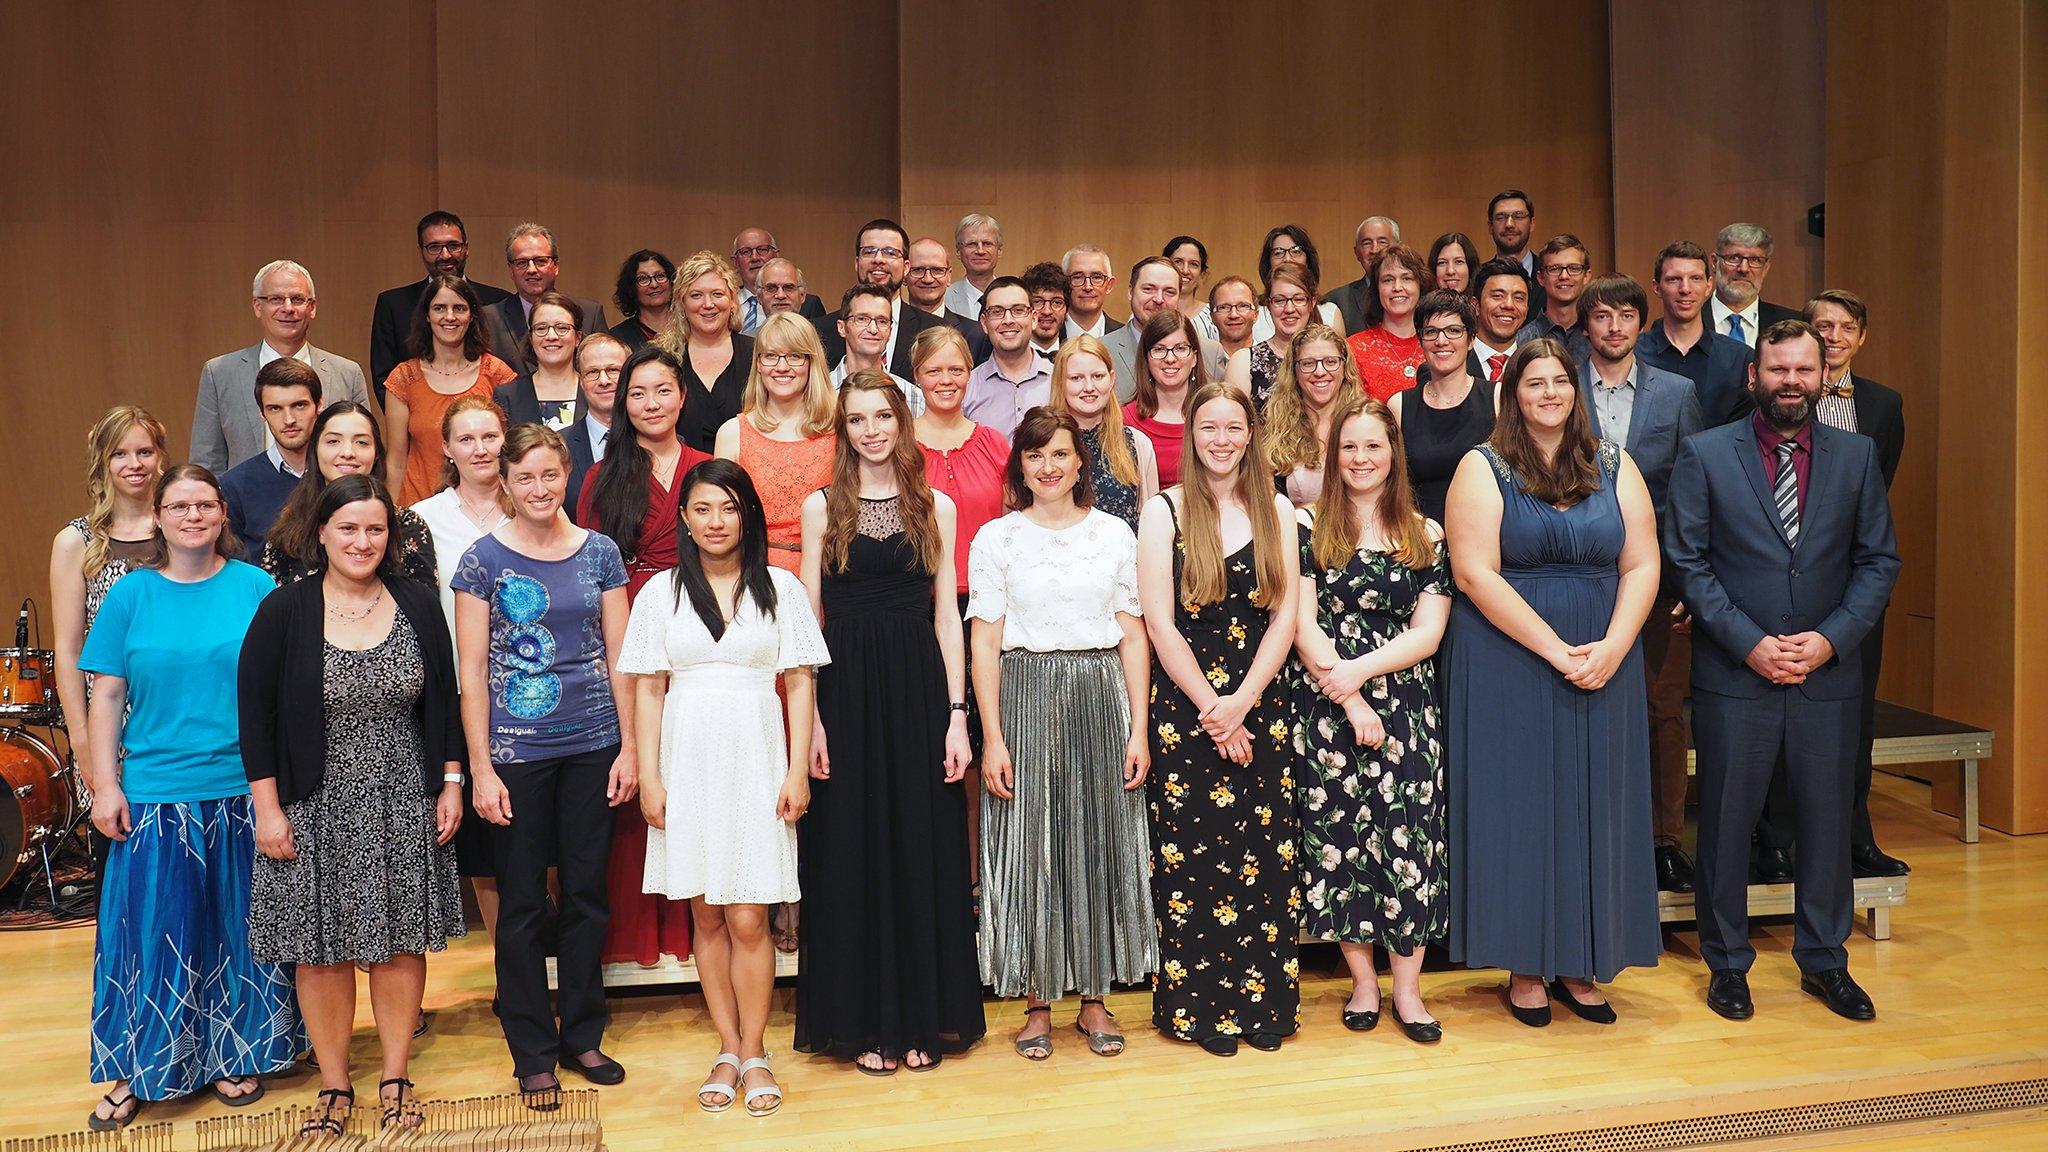 tsc-Jahresfest 2019: Absolventinnen und Absolventen 2019 mit Dozentinnen und Dozenten des Theologischen Seminars St. Chrischona